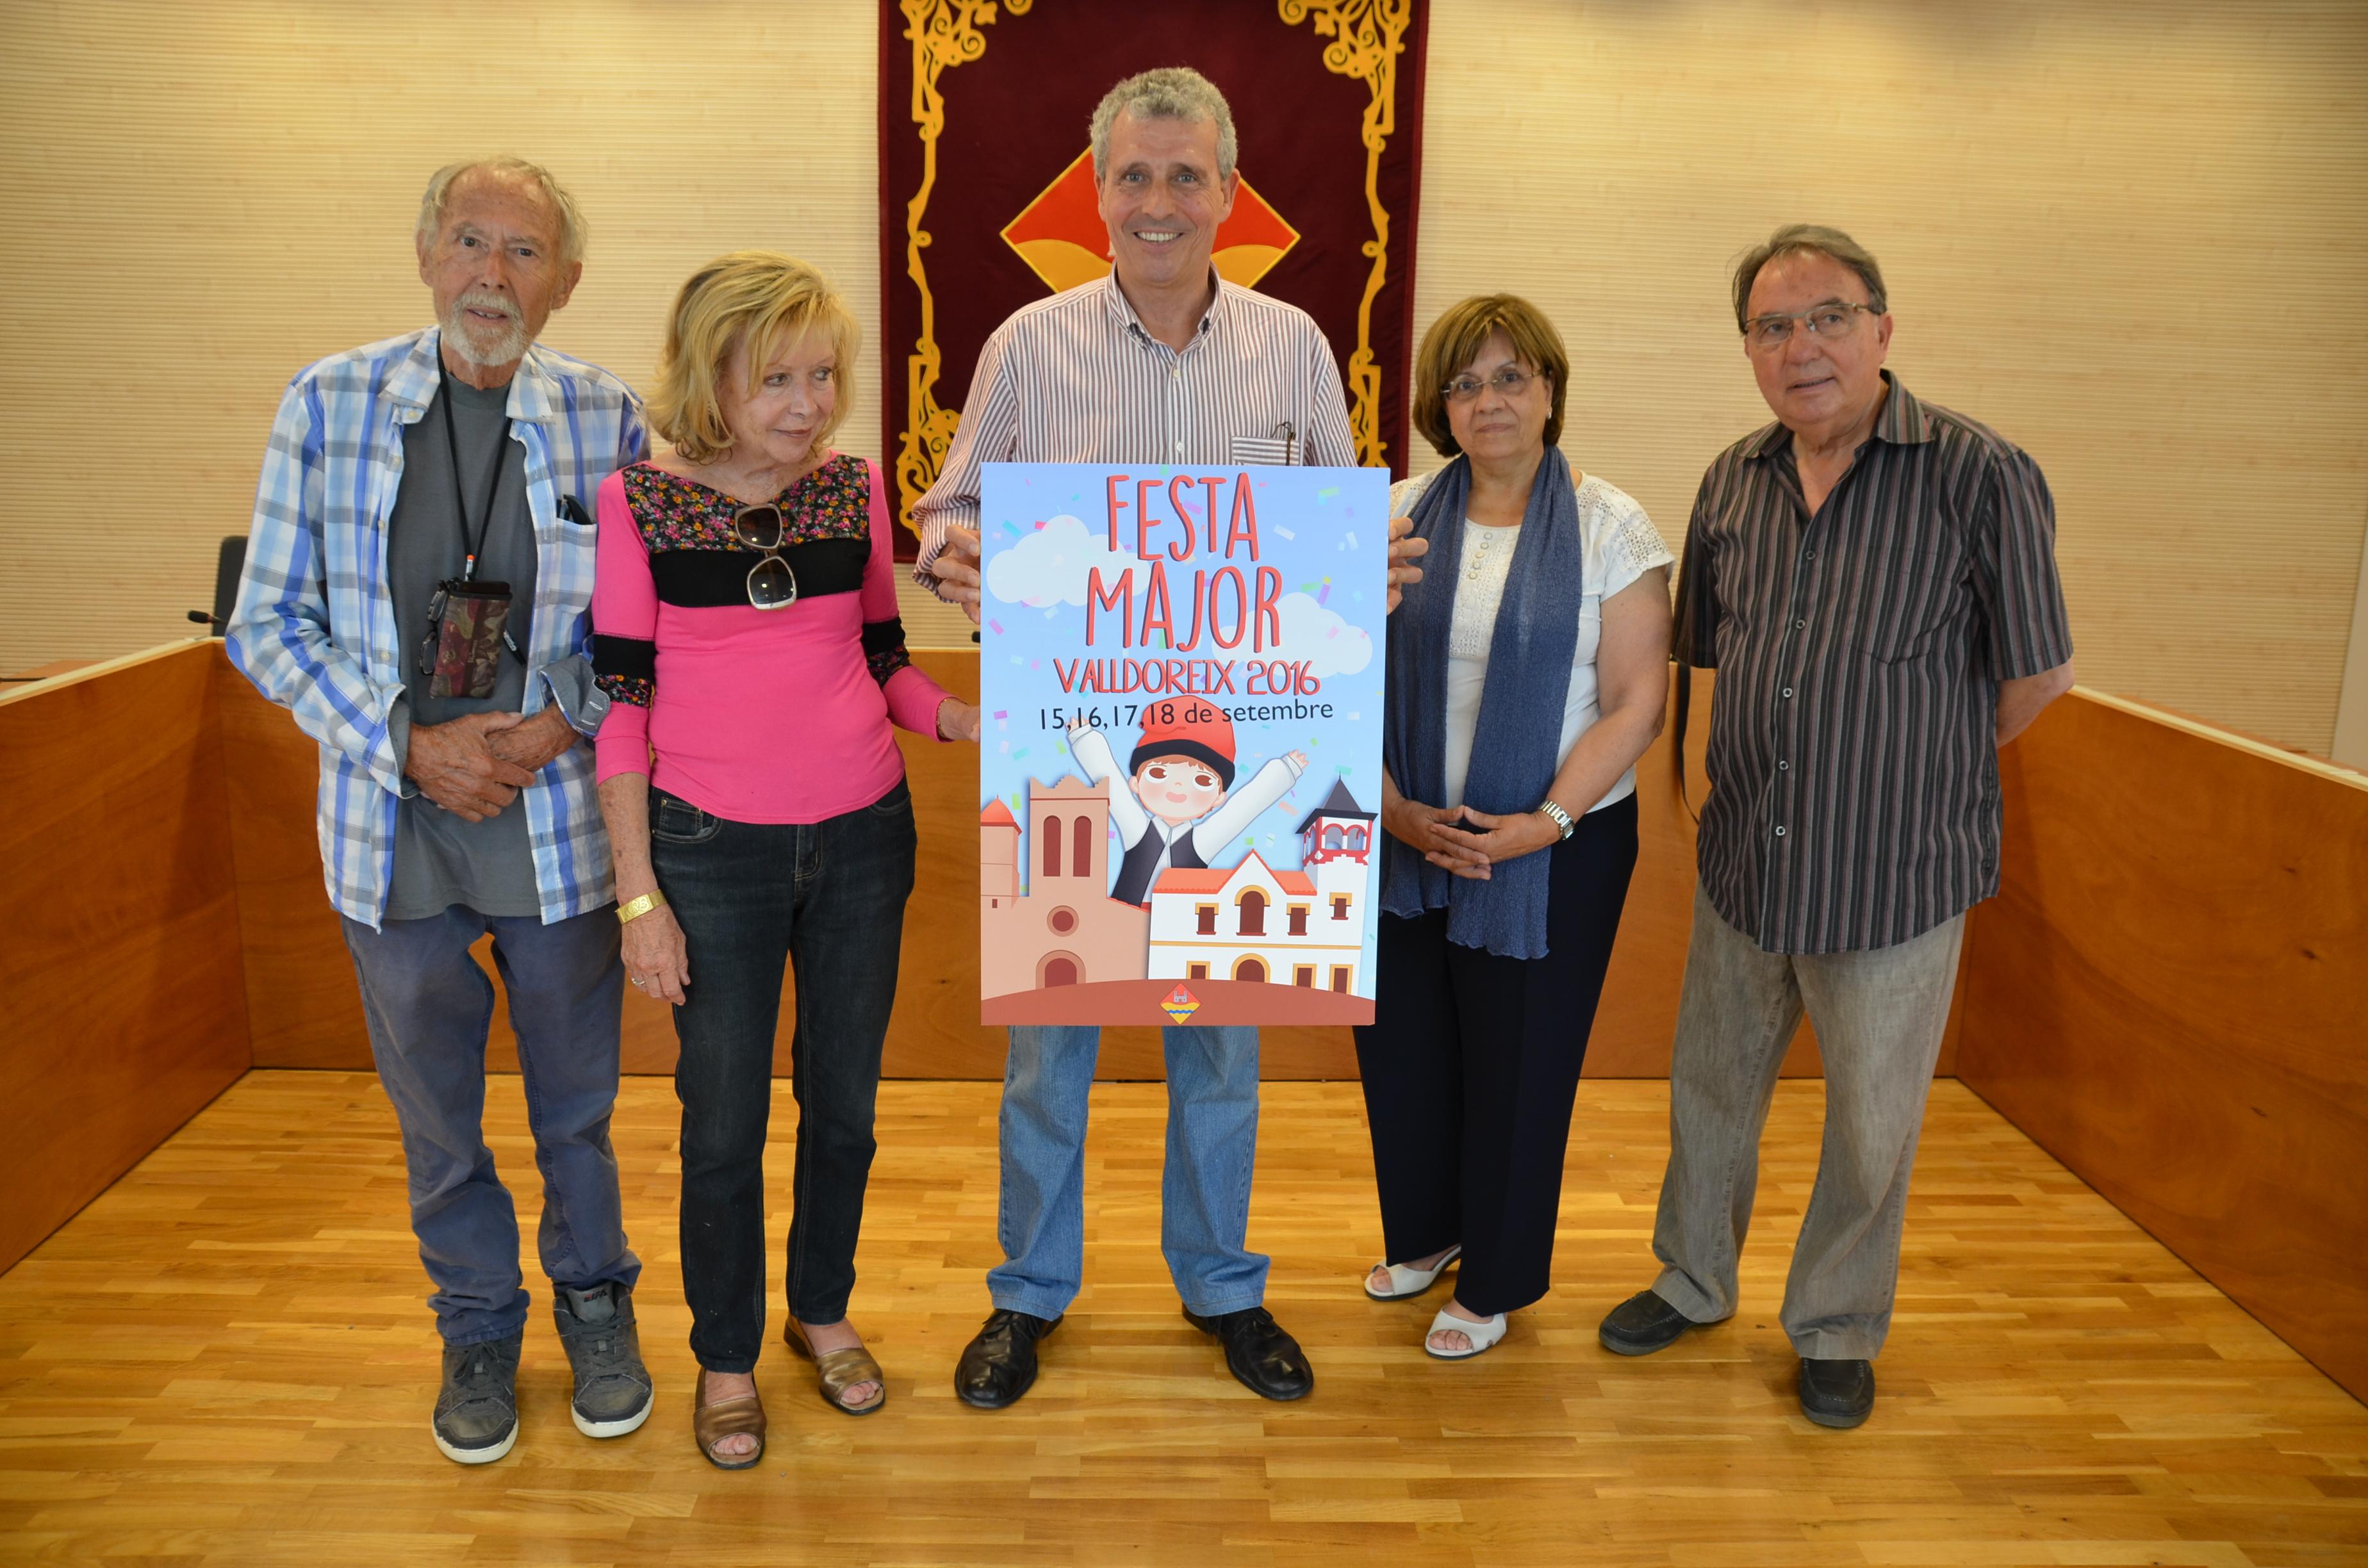 El cartell de Sònia Martínez serà el cartell anunciador de la Festa Major de Valldoreix d'enguany